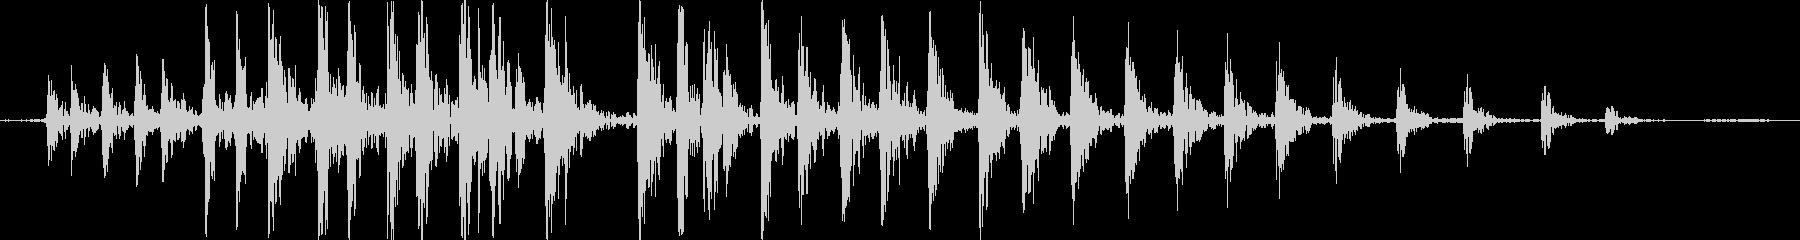 ギギギギ(屋敷で何かがきしむ嫌な物音)の未再生の波形